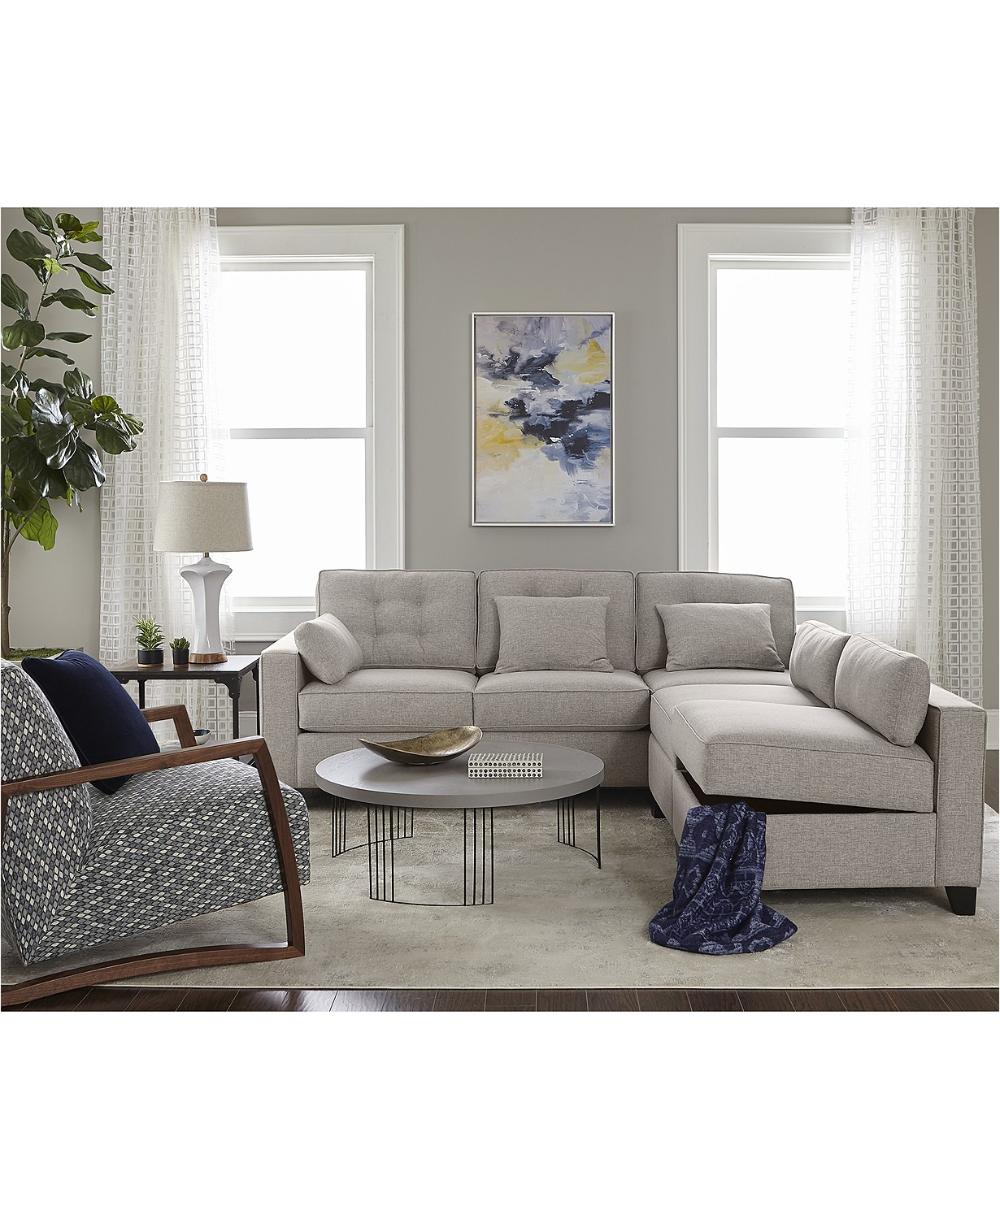 Furniture Clarke Ii 75 Fabric Full Sleeper Sofa Bed Created For